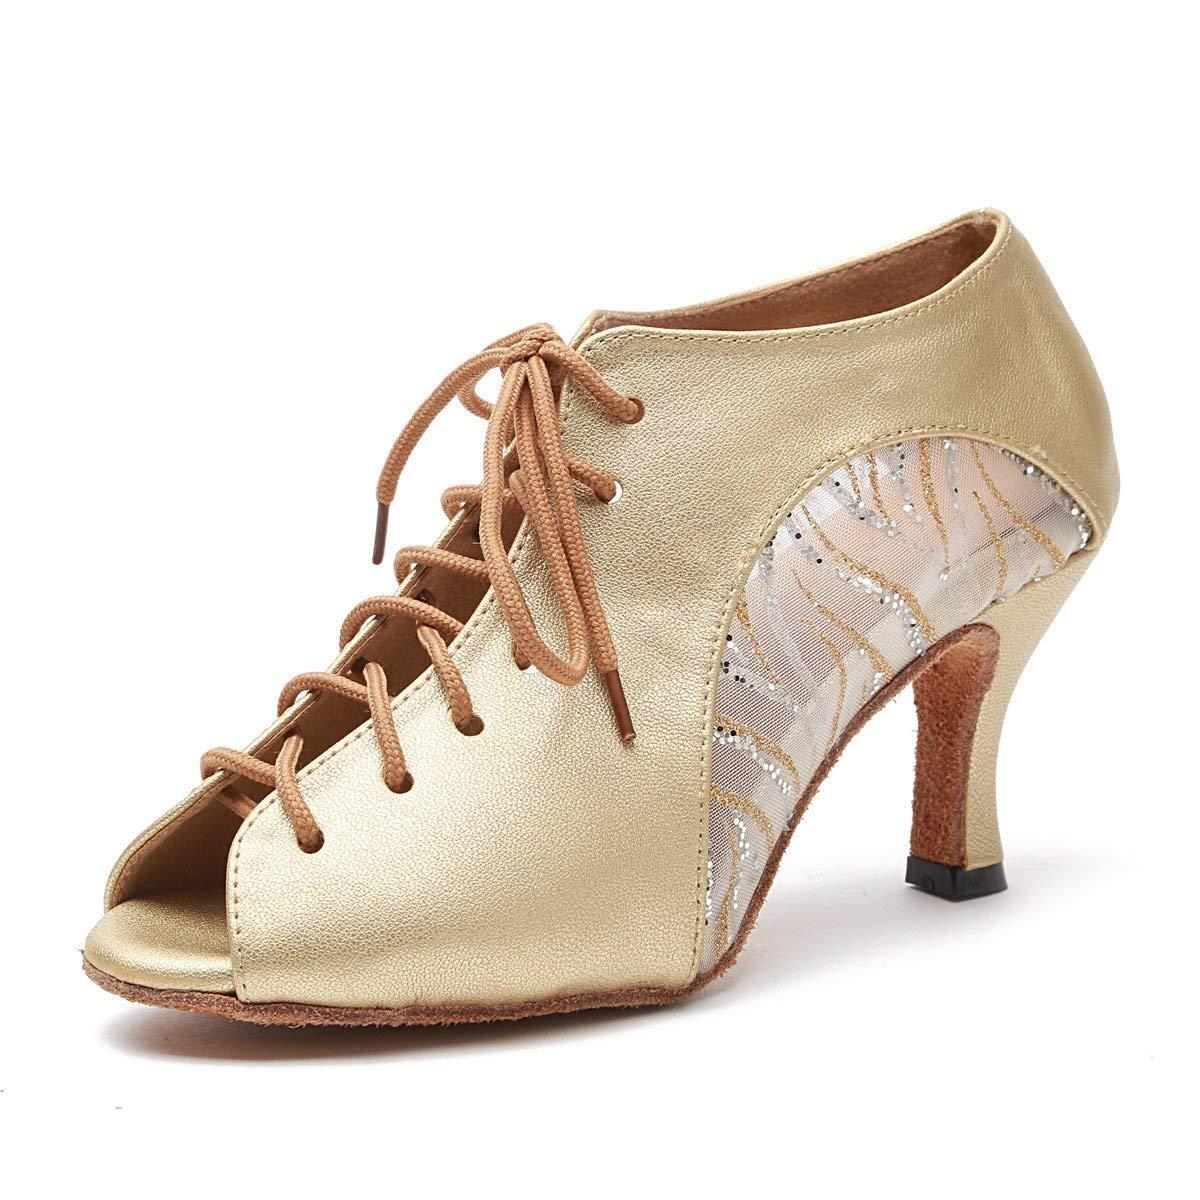 Qiusa Frauen Lace-up Gold Mesh Leder Latin Dancing Schuhe Ankle Sandalen UK 6.5 (Farbe   - Größe   -)